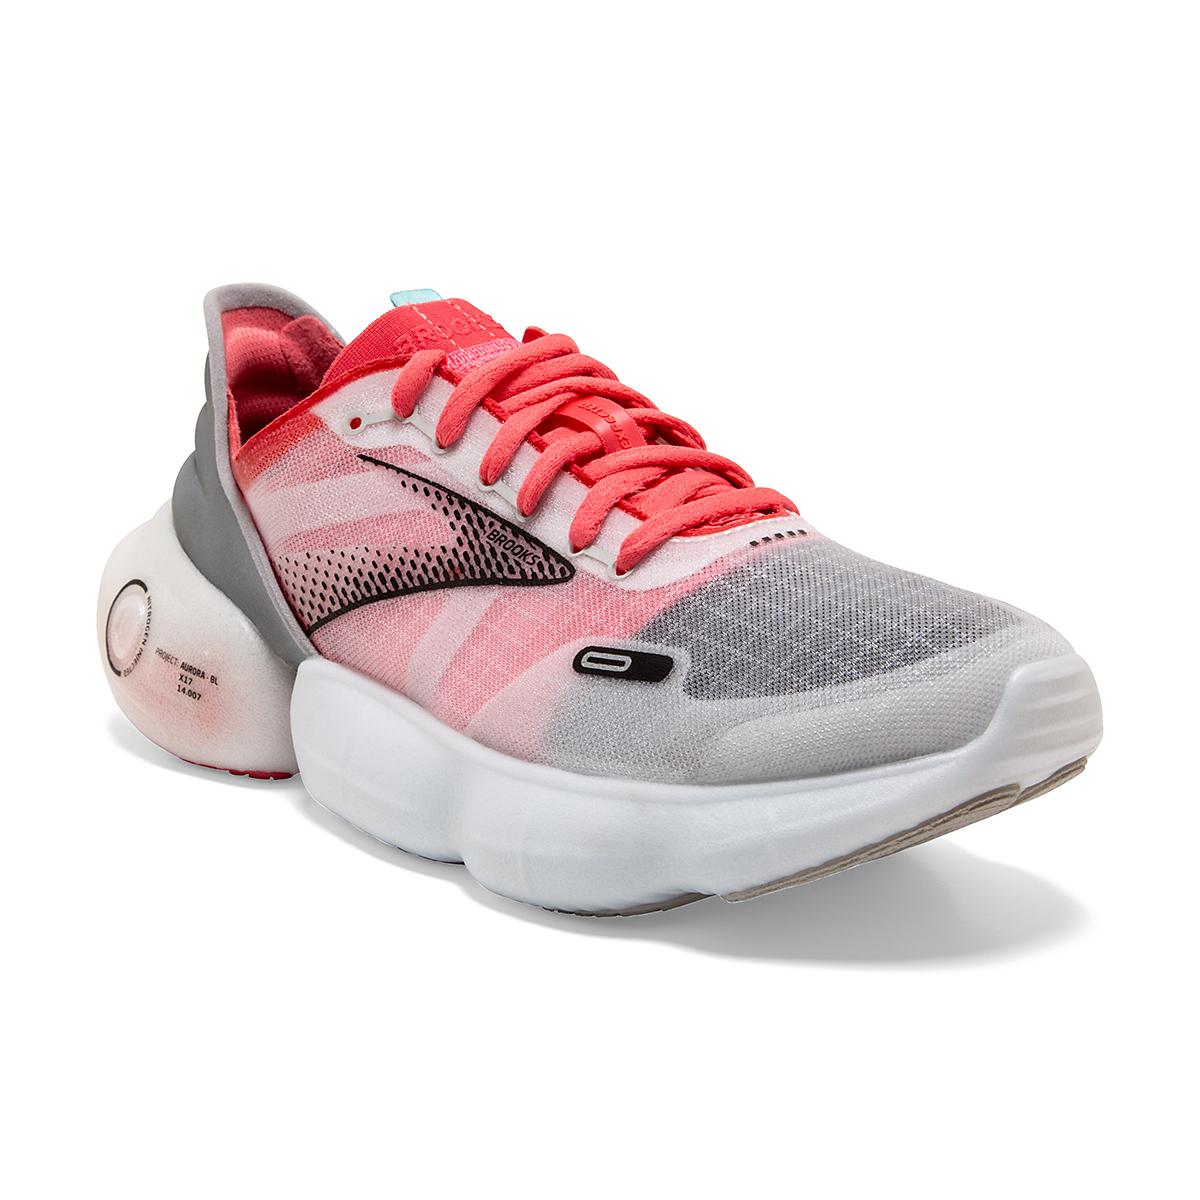 Women's Brooks Aurora-BL Running Shoe - Color: Grey/Coral/Black - Size: 5 - Width: Regular, Grey/Coral/Black, large, image 3